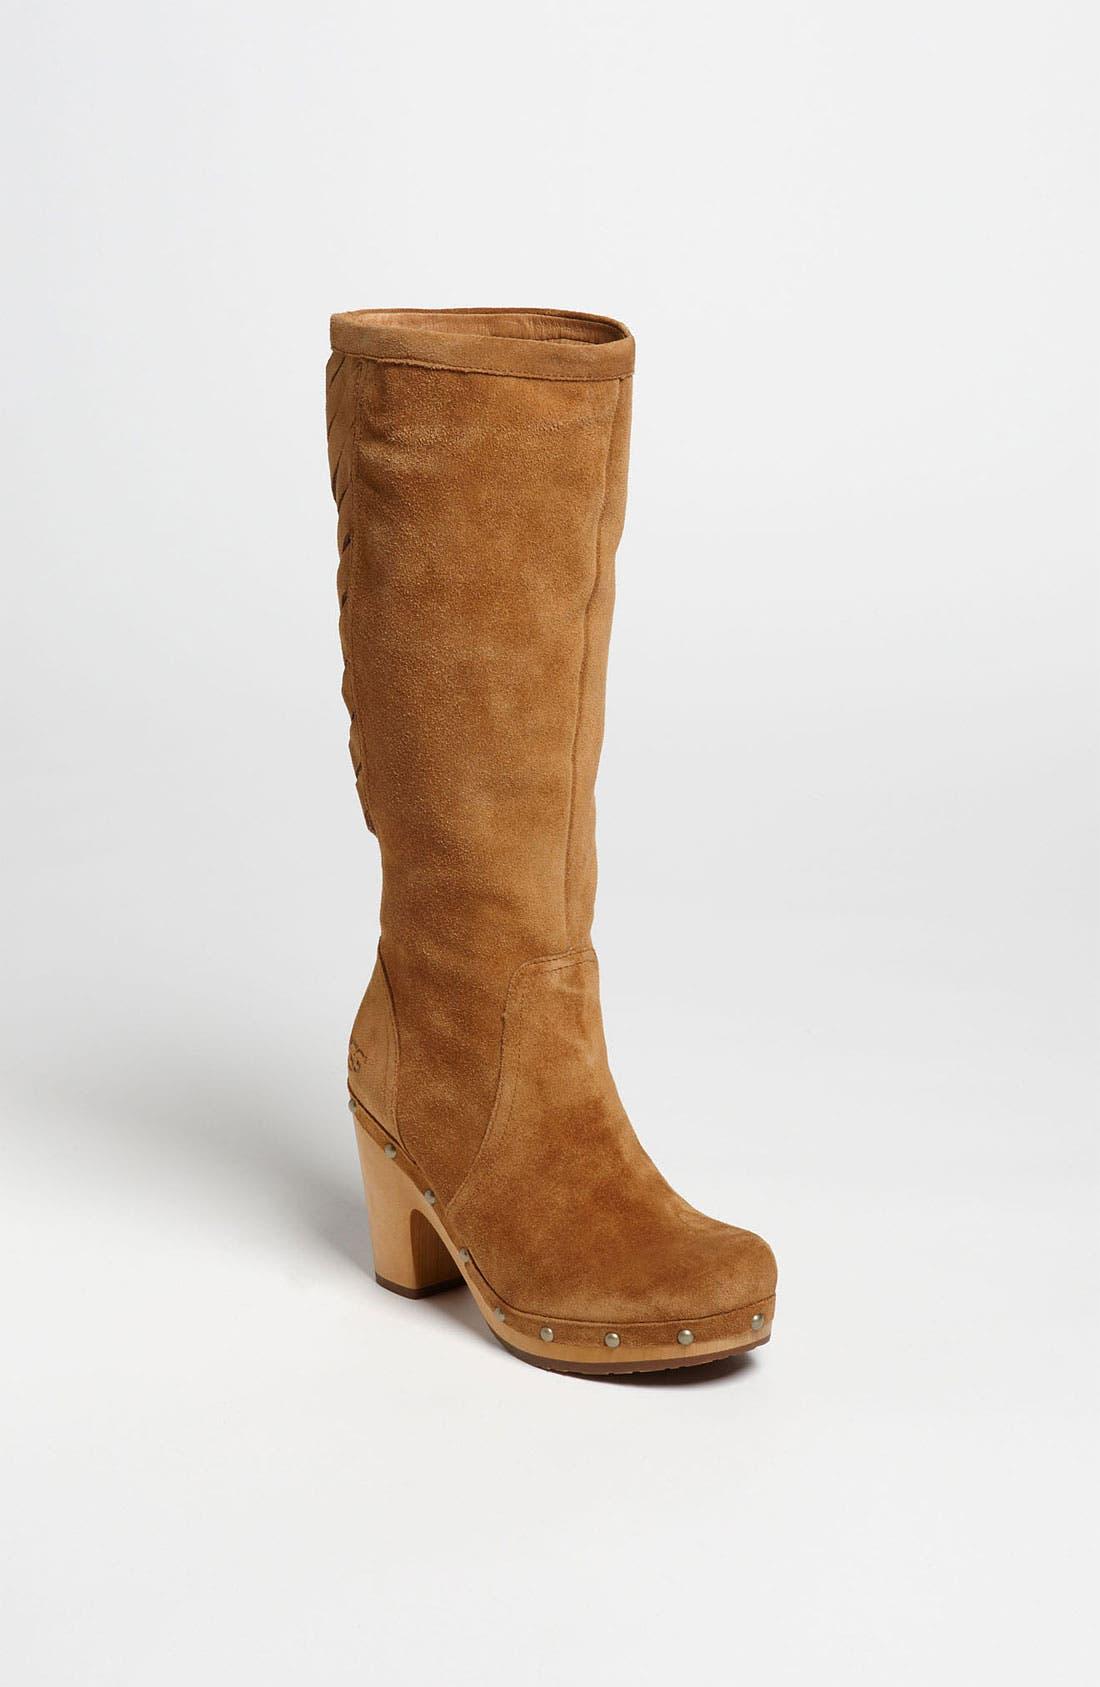 Alternate Image 1 Selected - UGG® Australia 'Rumer' Boot (Women)